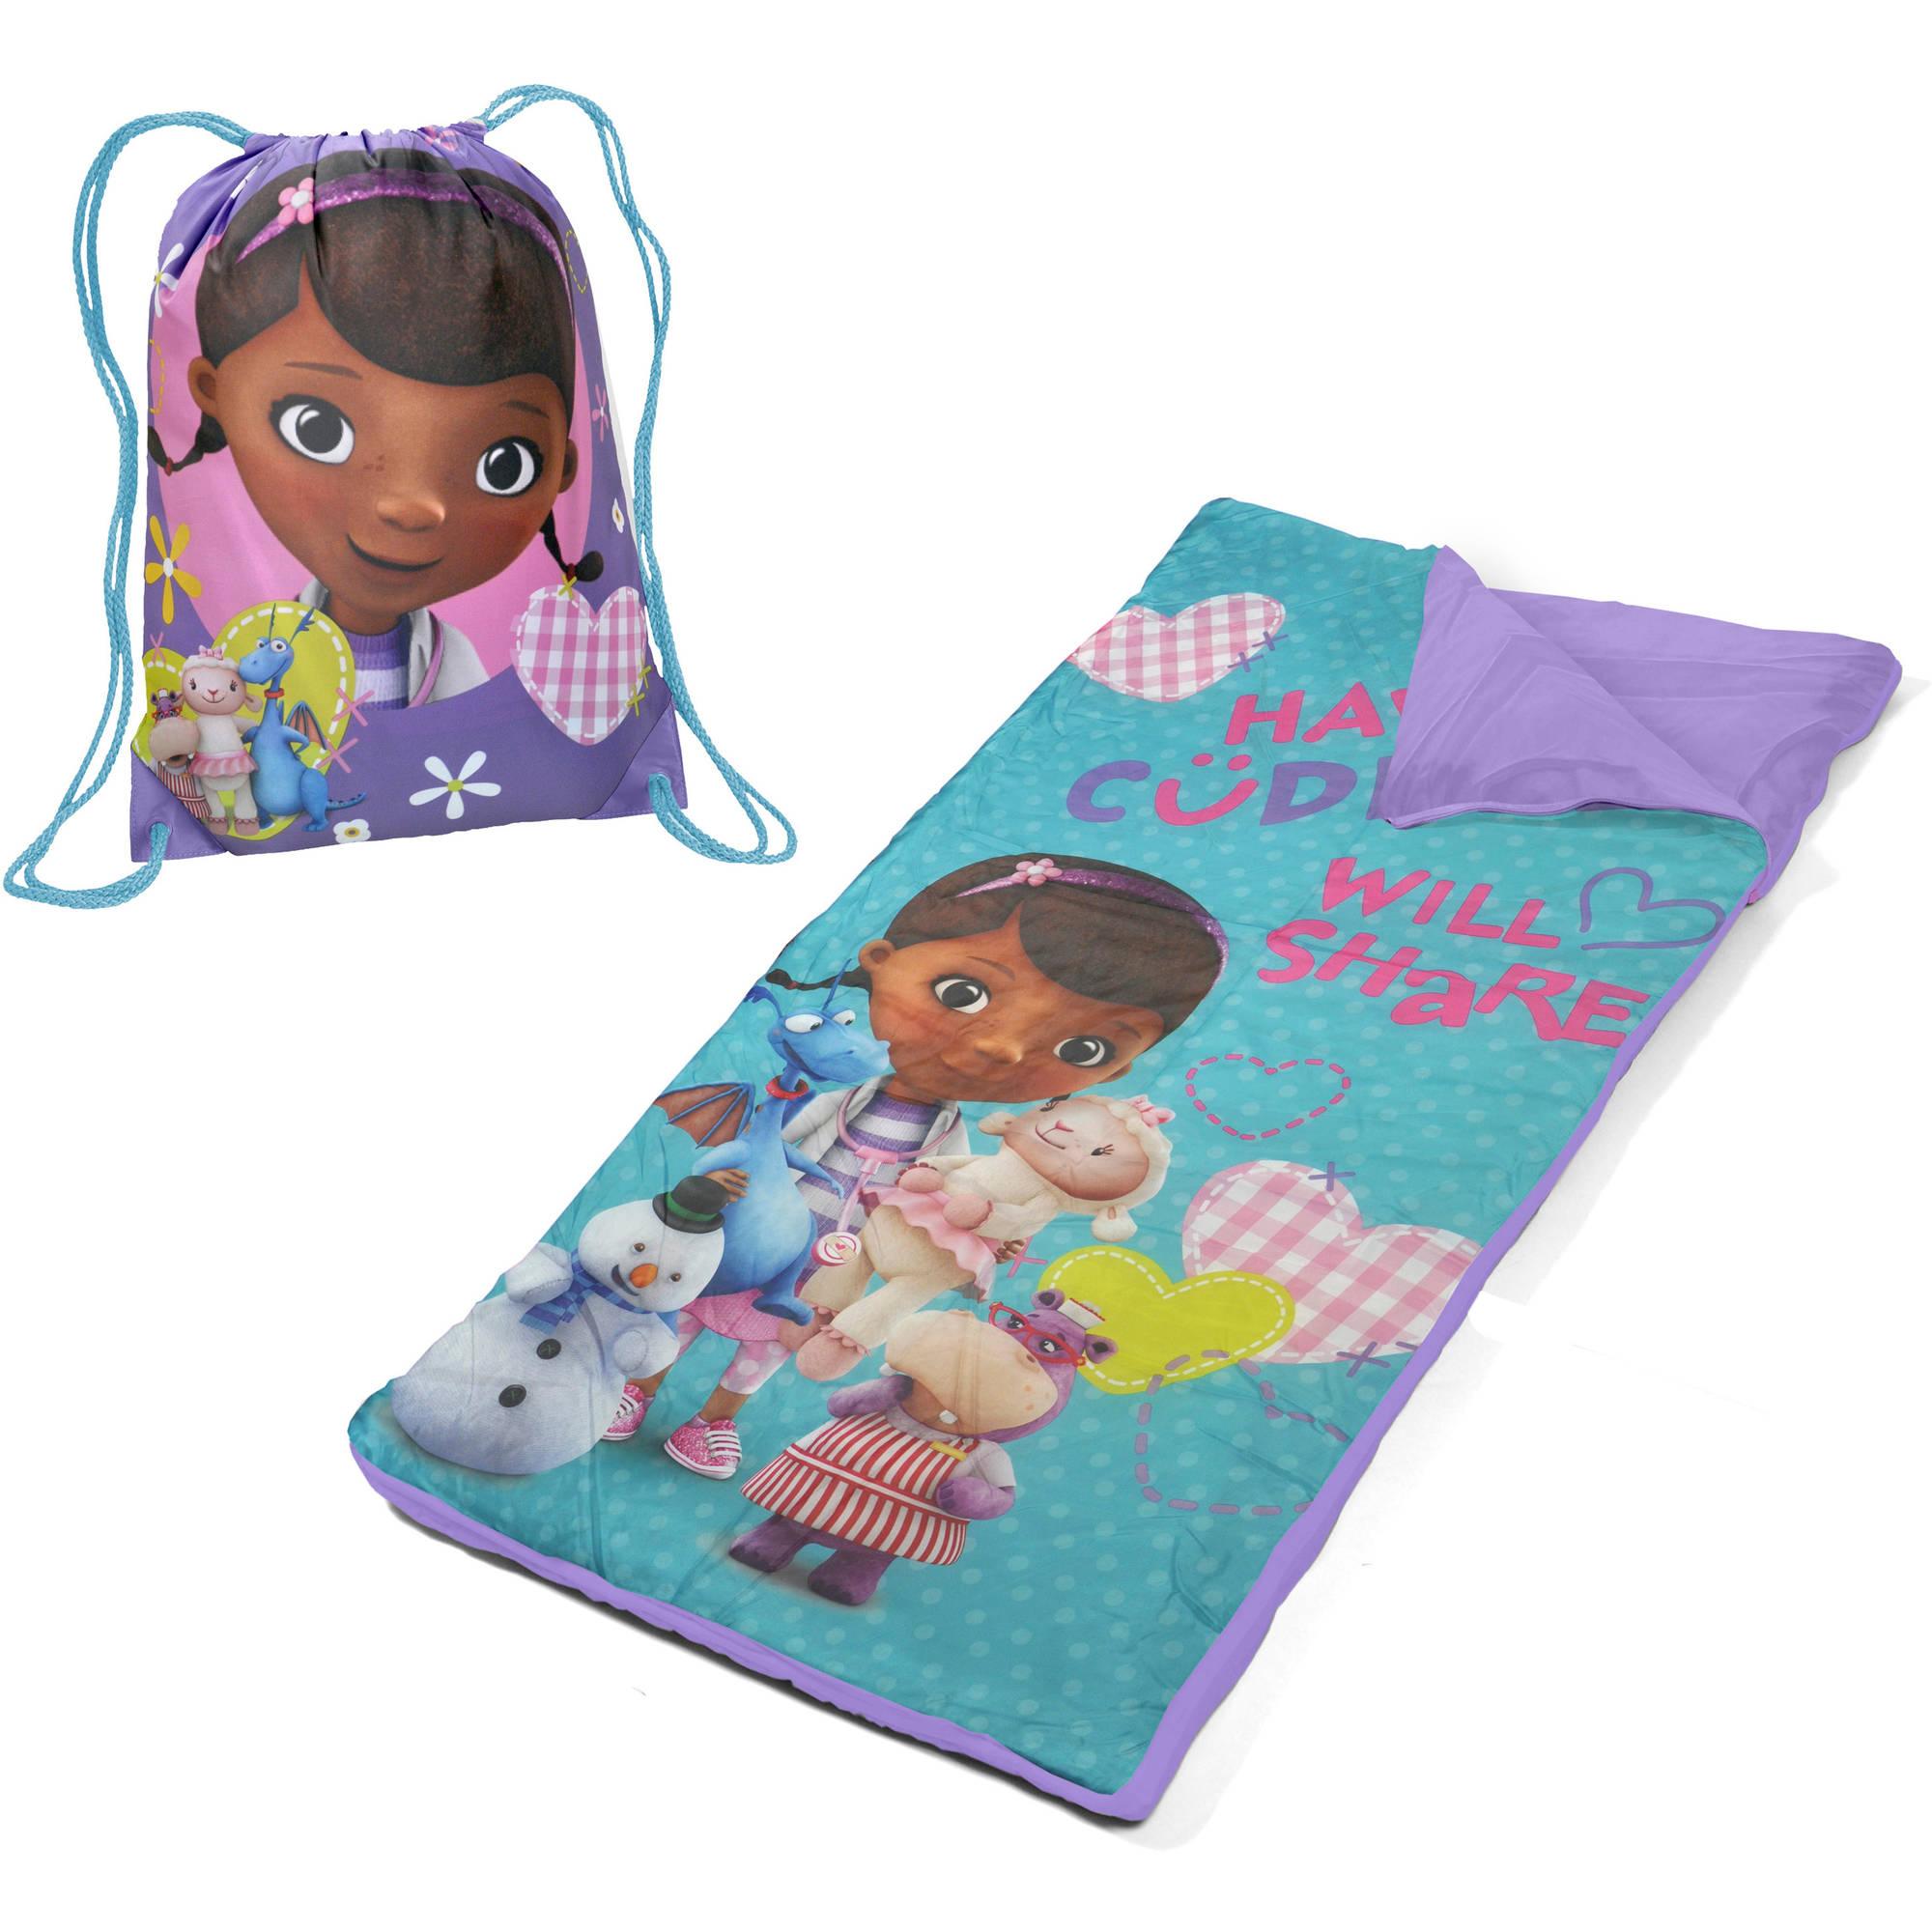 Disney Doc McStuffins Slumber Set with BONUS Sling Bag